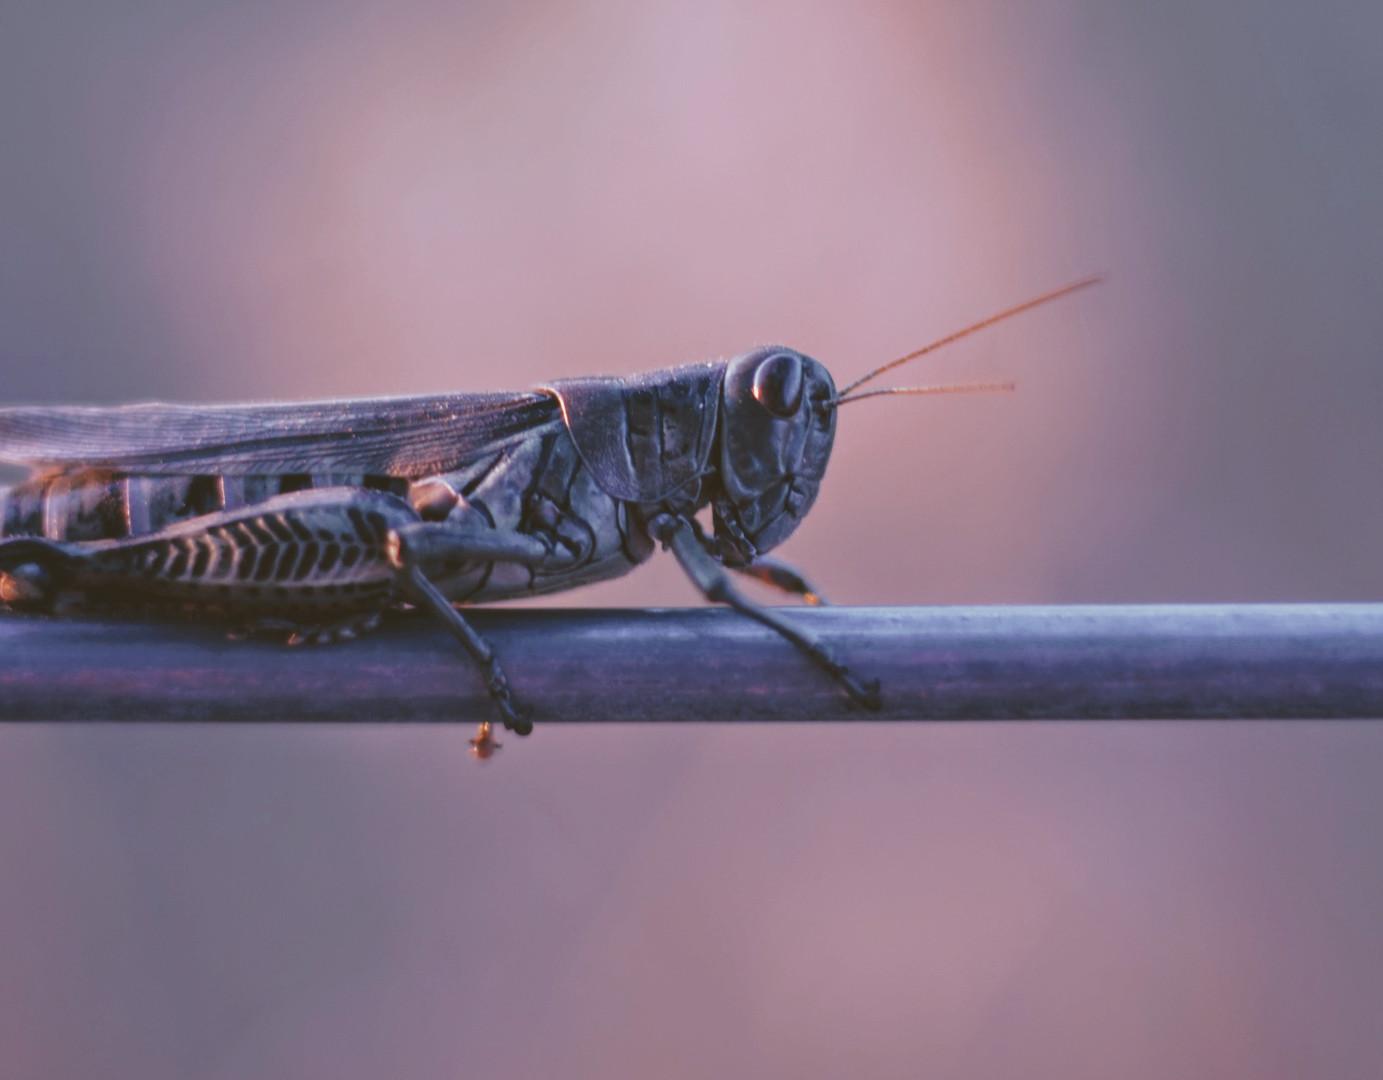 In Africa le locuste hanno devastato i campi coltivati. Dopo essere arrivate in Somalia dallo Yemen a metà luglio, hanno invaso il Corno d'Africa e hanno raggiunto molte altre zone del continente. Photo credit: Joshua Hoehne on Unsplash